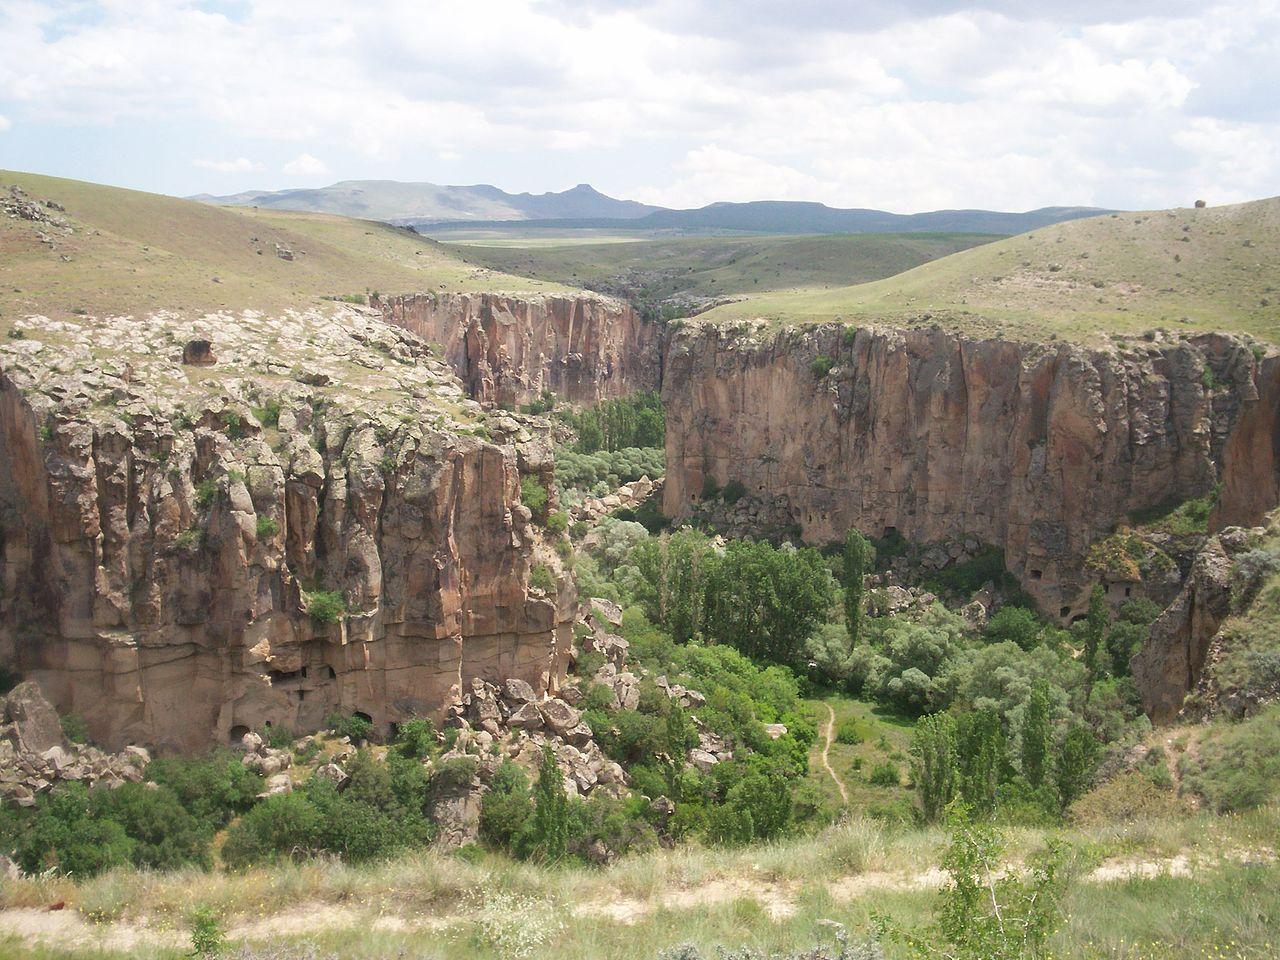 עמק אהלרה – בתי מגורים ובכנסיות שנחצבו בסלע